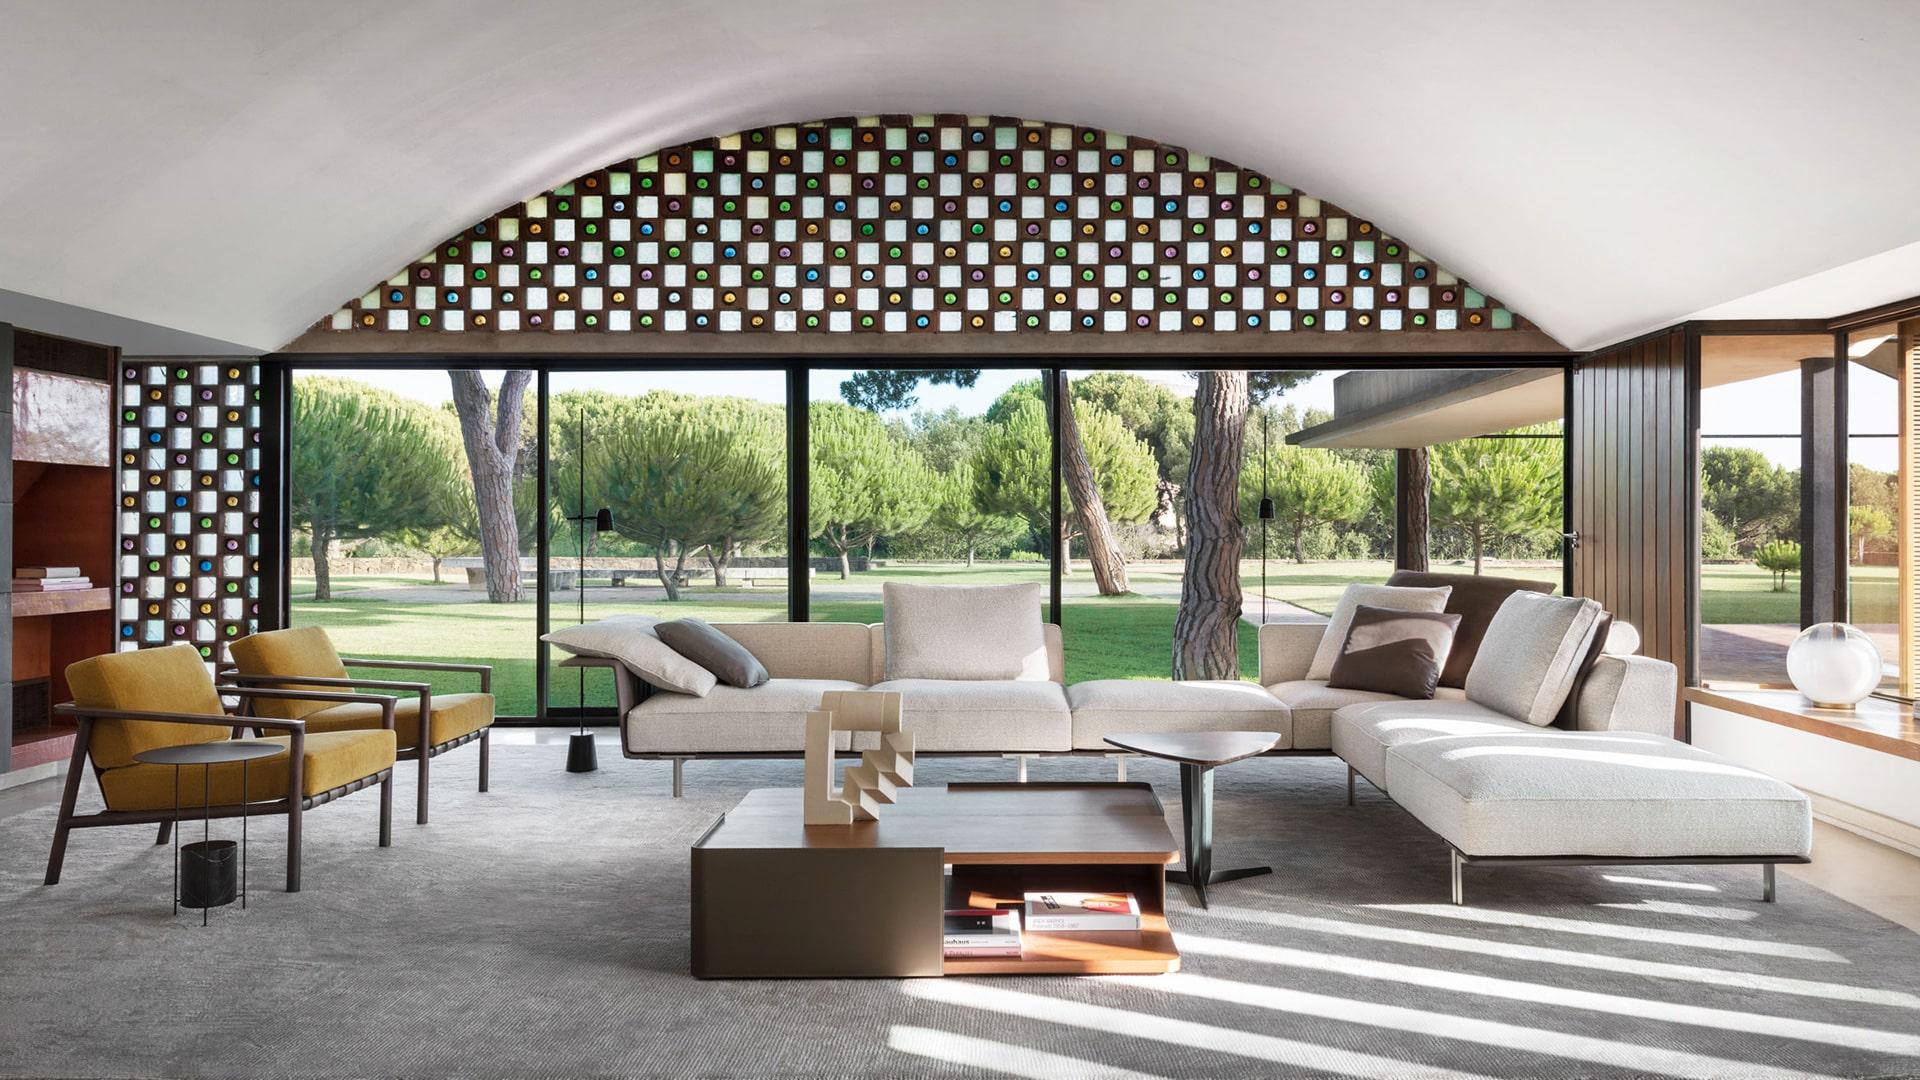 arredo-zona-giorno-interior-design-progettazione-arredamento-lecce-brindisi-taranto